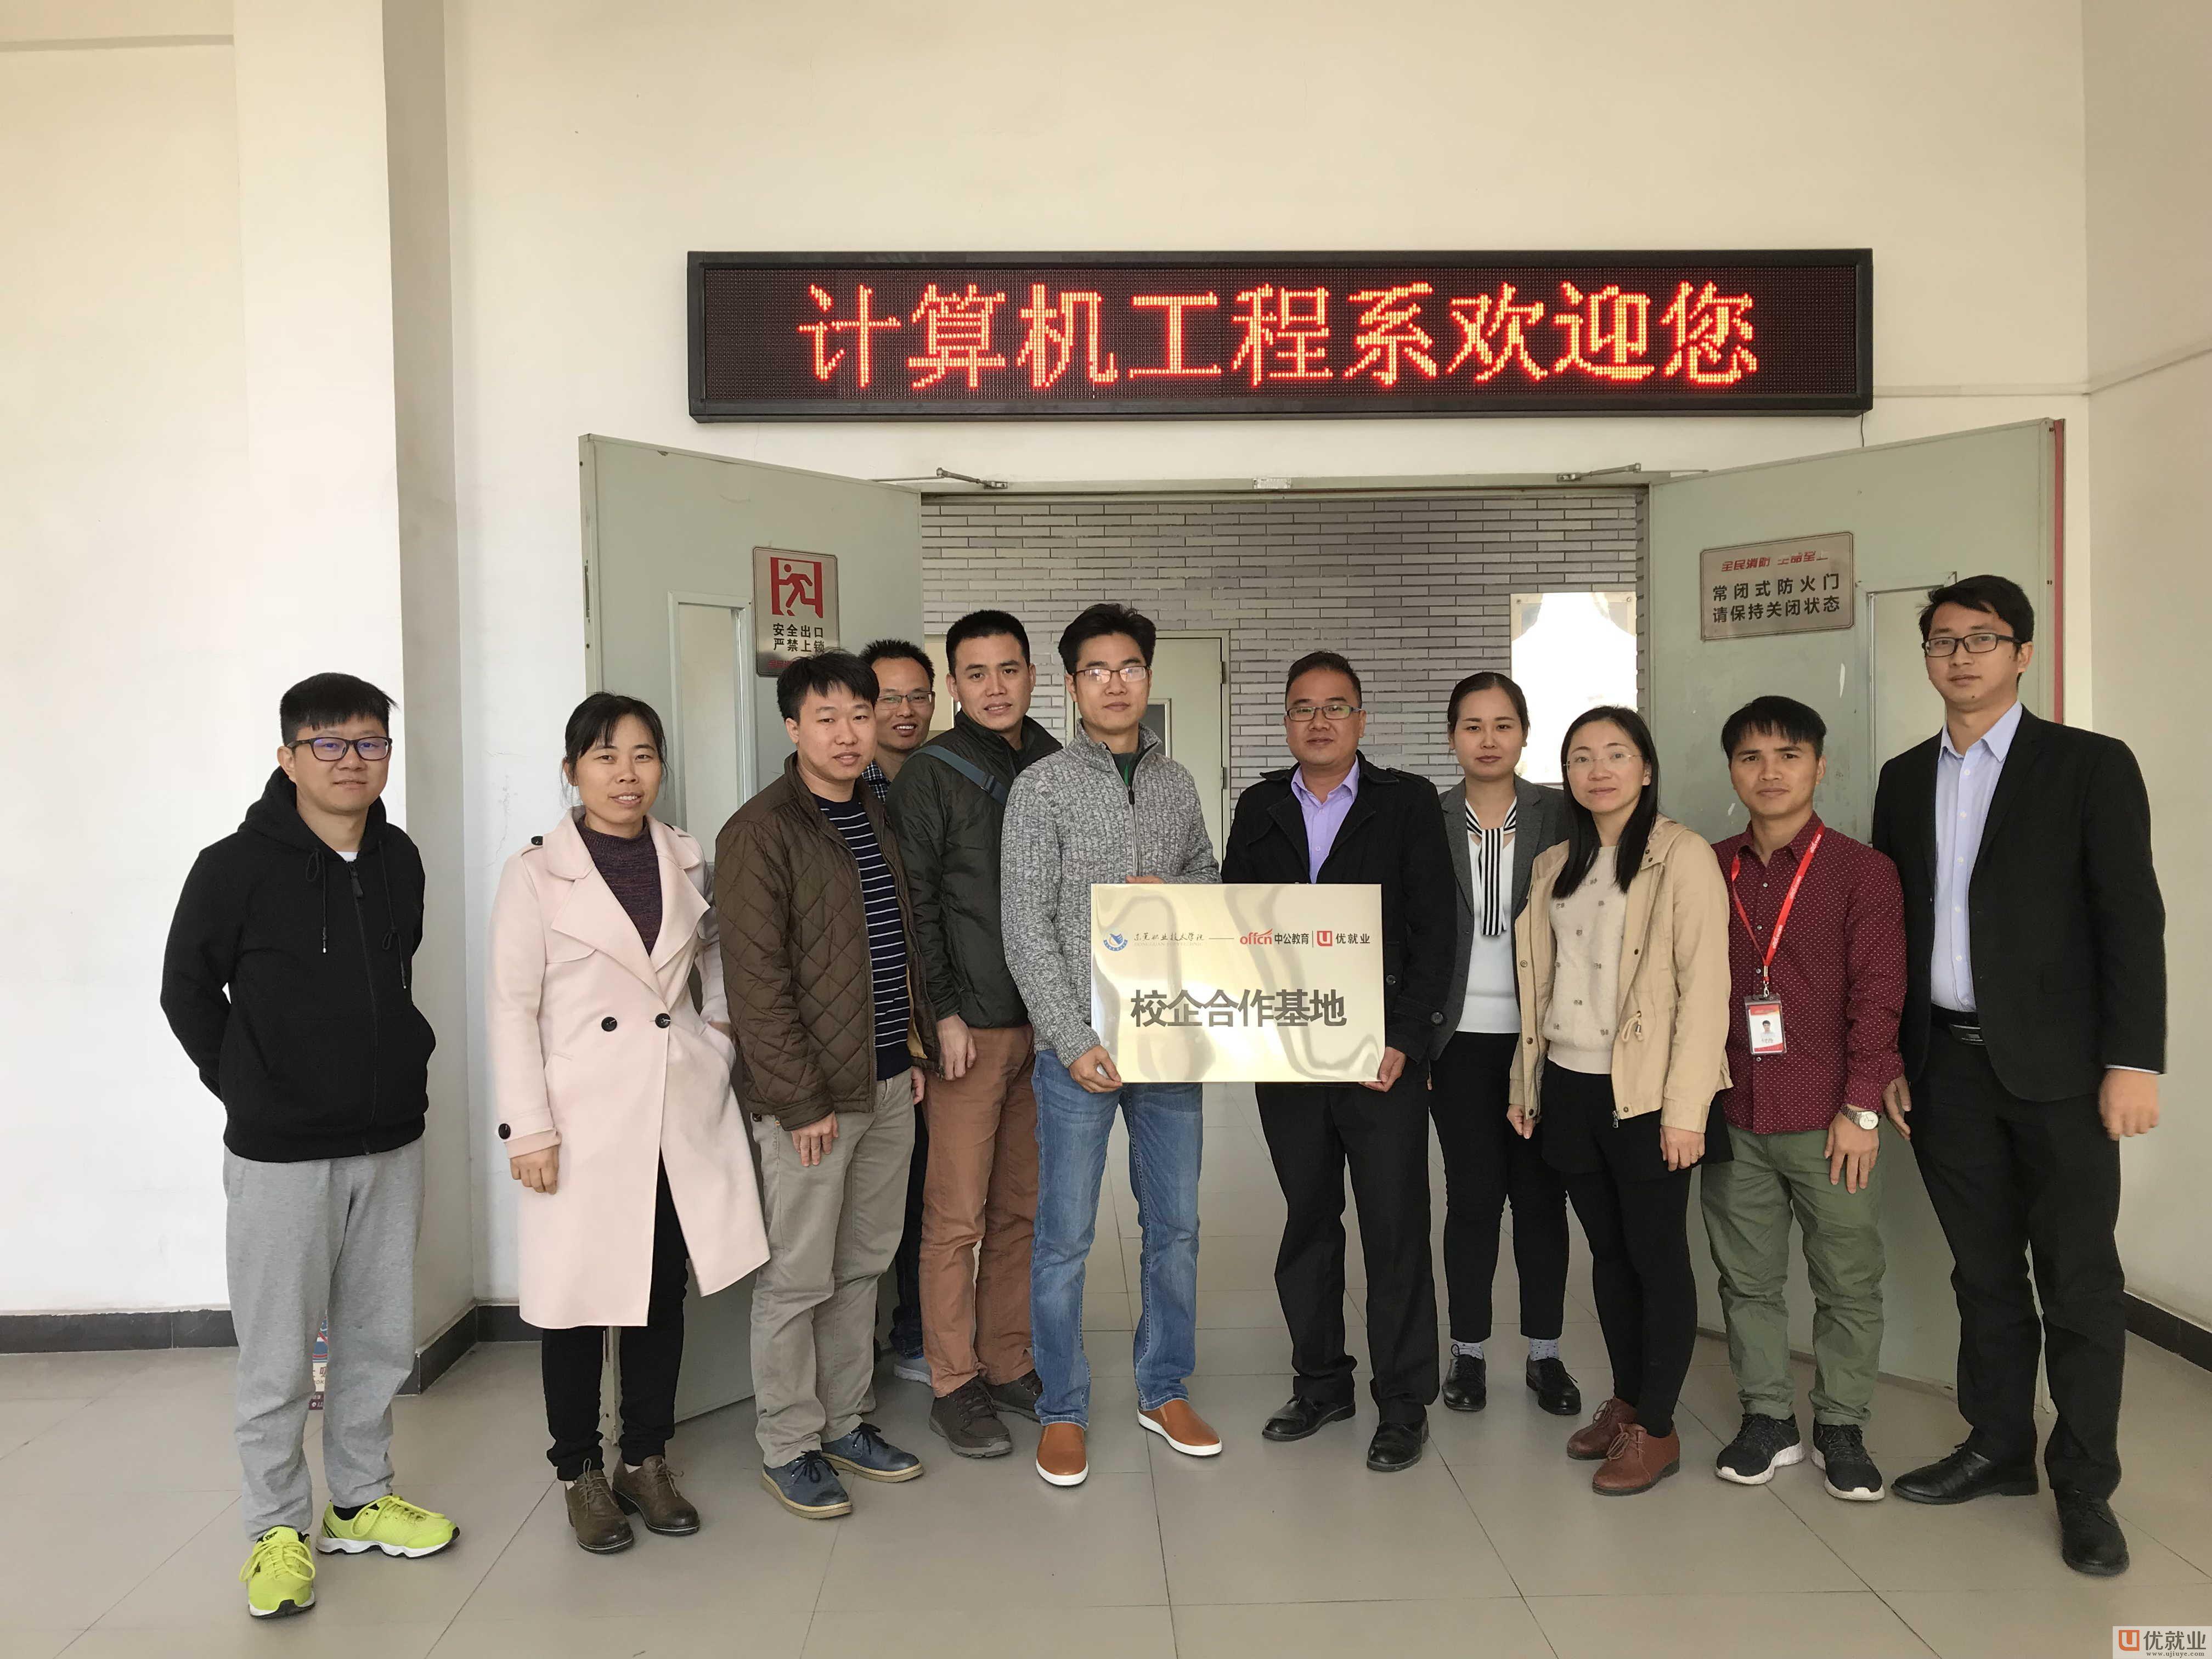 优就业与东莞职业技术学院正式达成校企合作